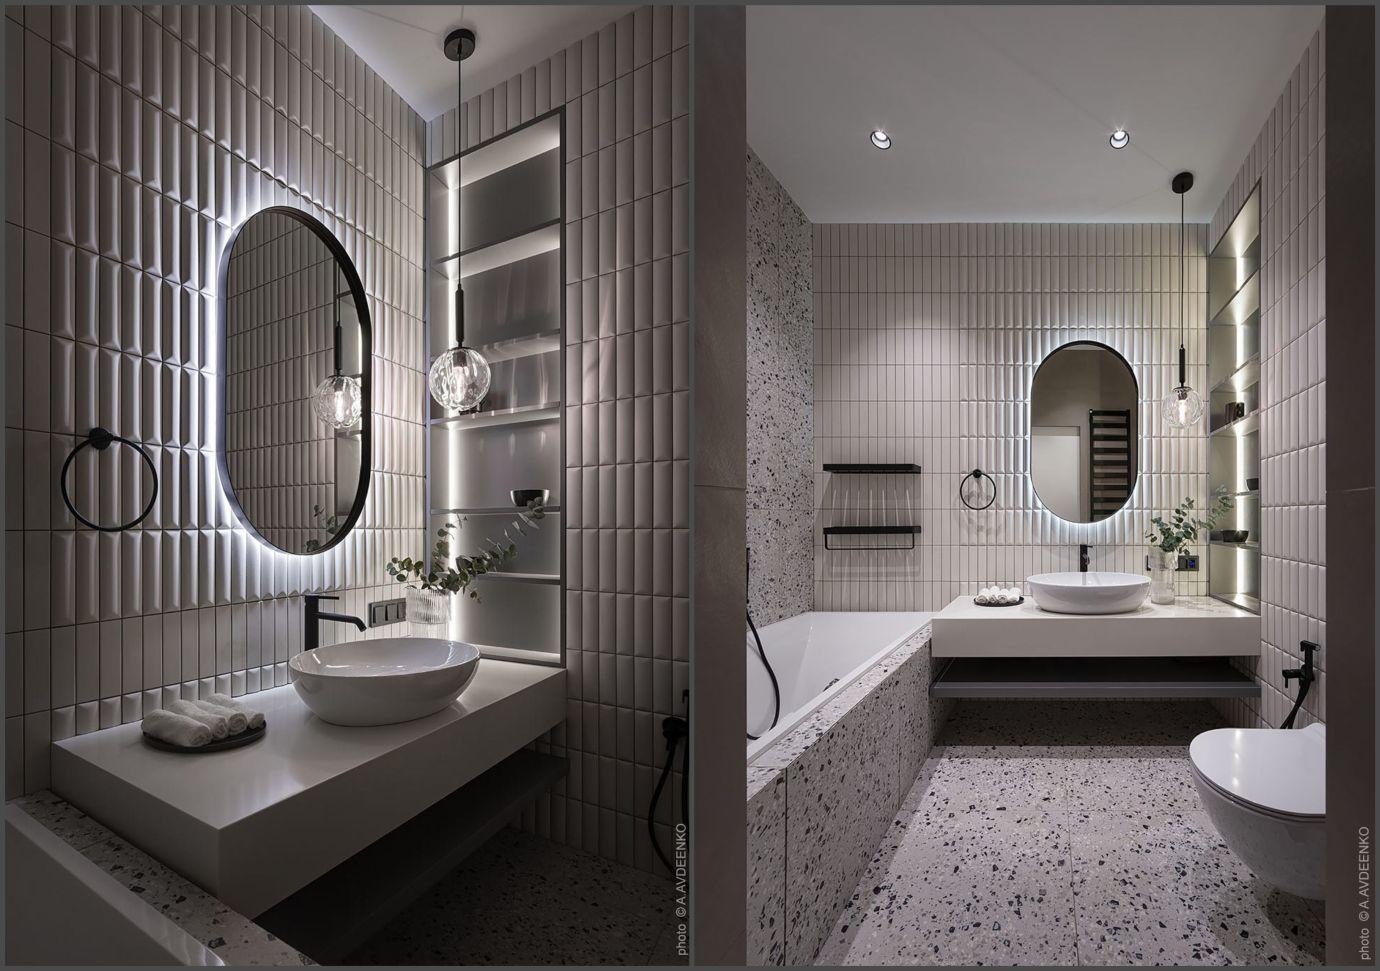 Fózolt csempék és kőszemcsés lapok a fürdőszobában